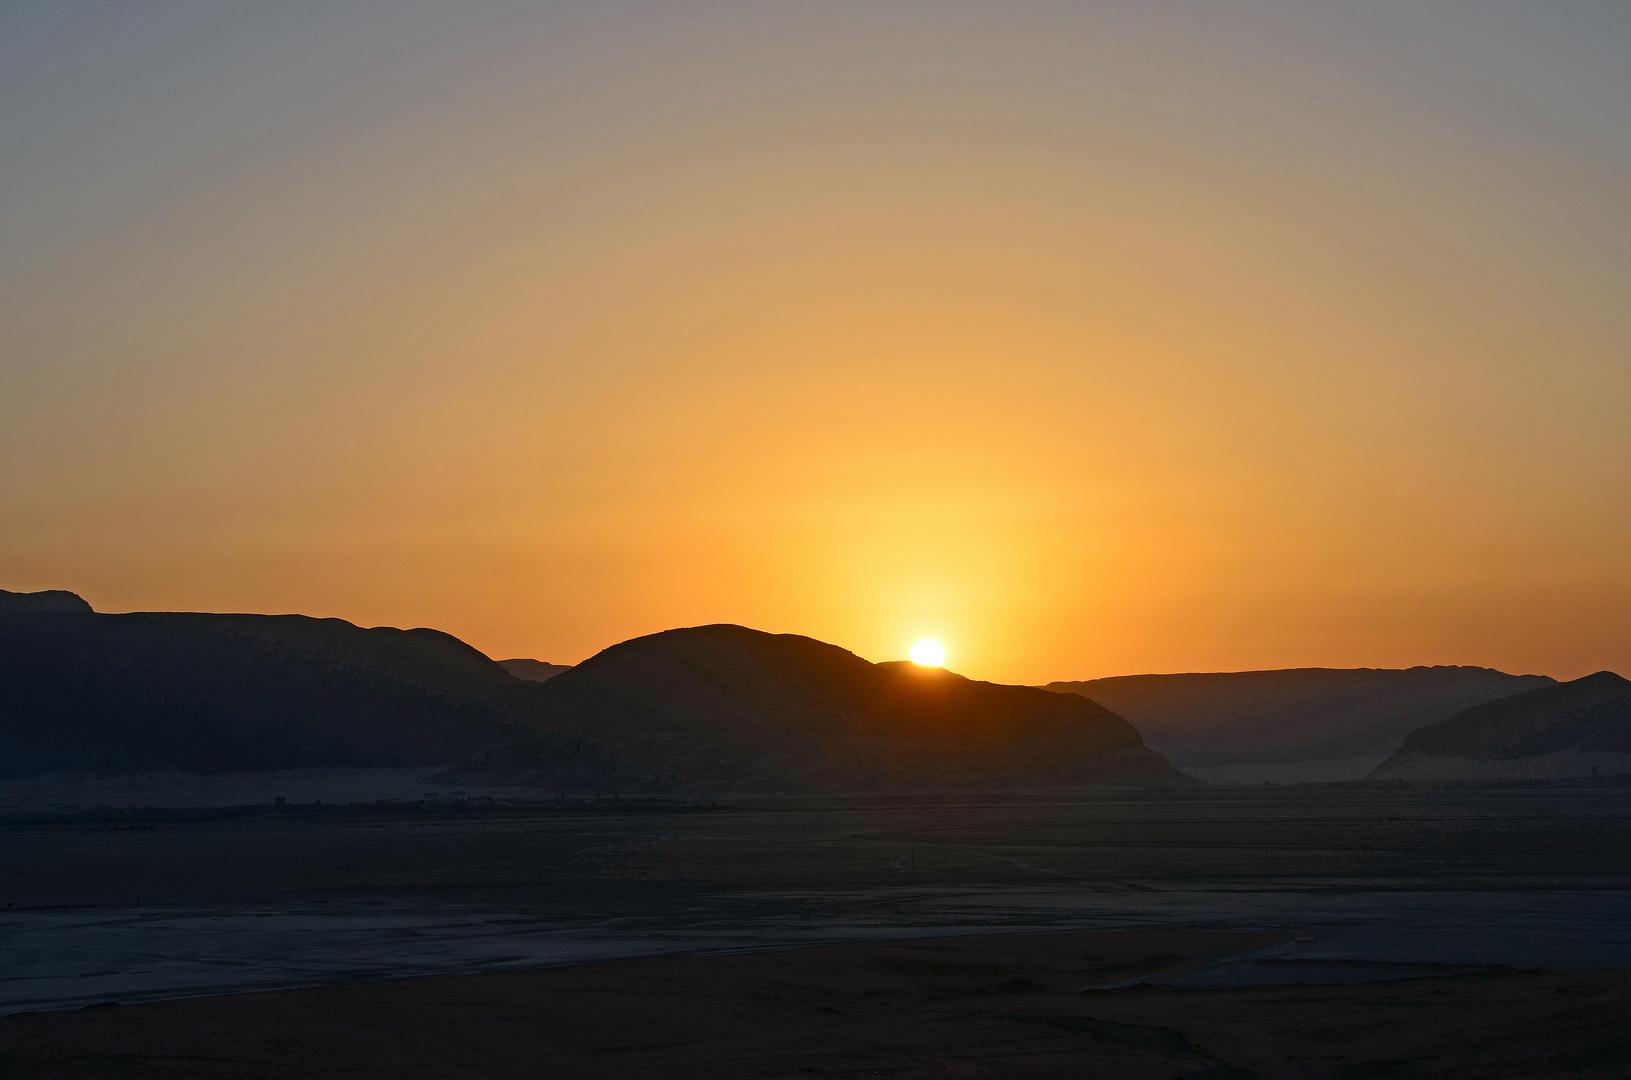 Sonnenaufgang im Wadi Rum in Jordanien